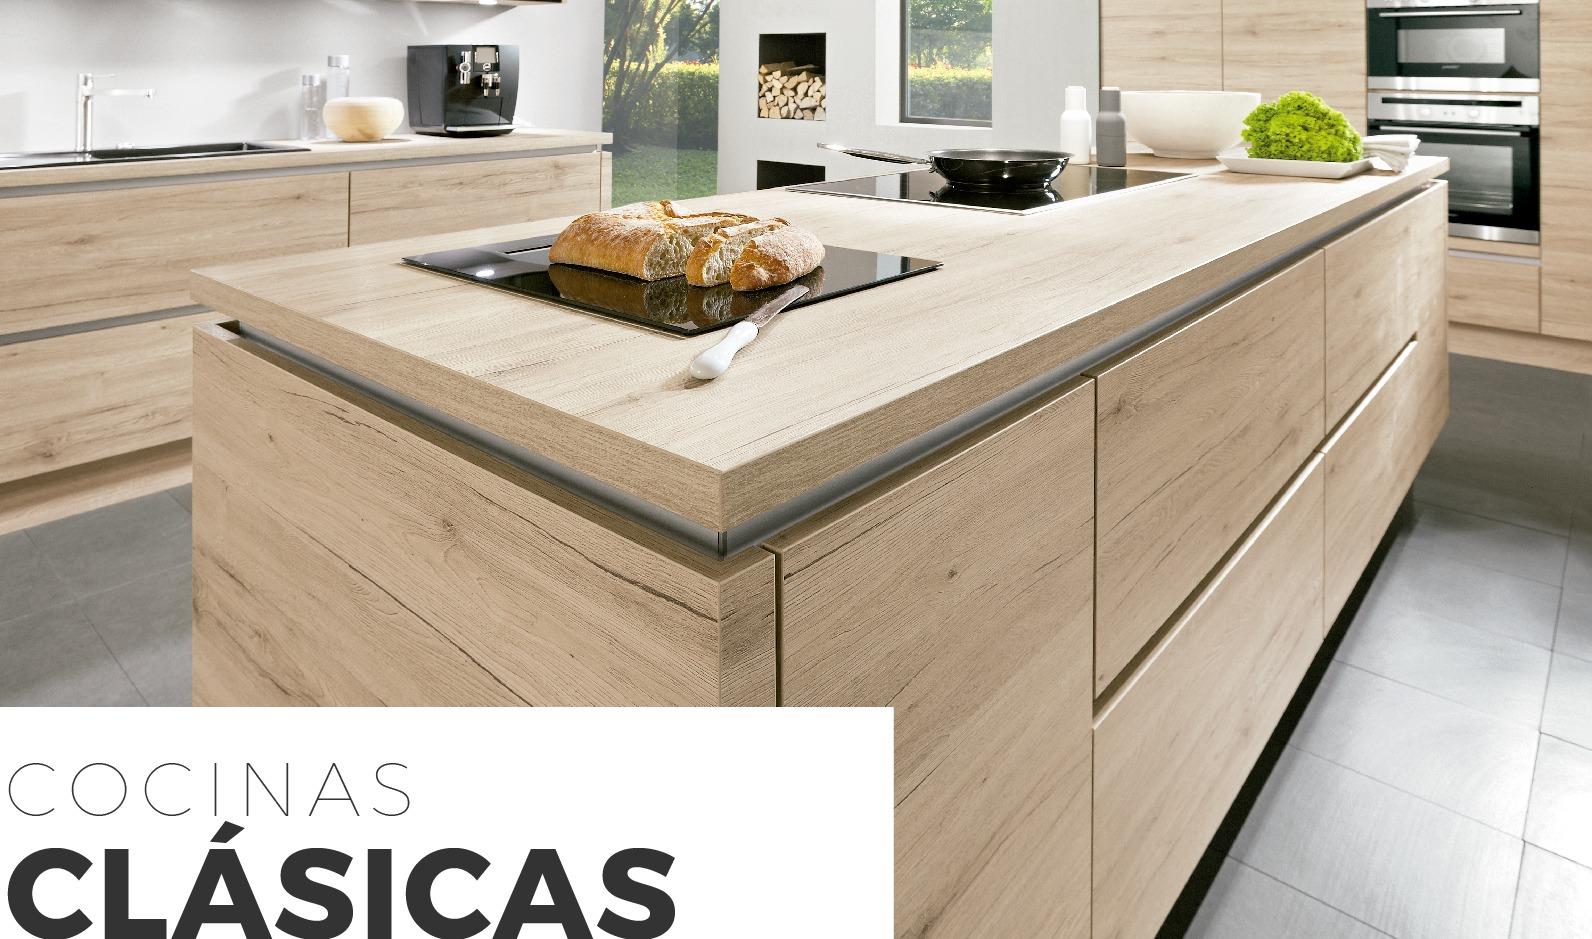 Cocinas clásicas Kouch Sevilla